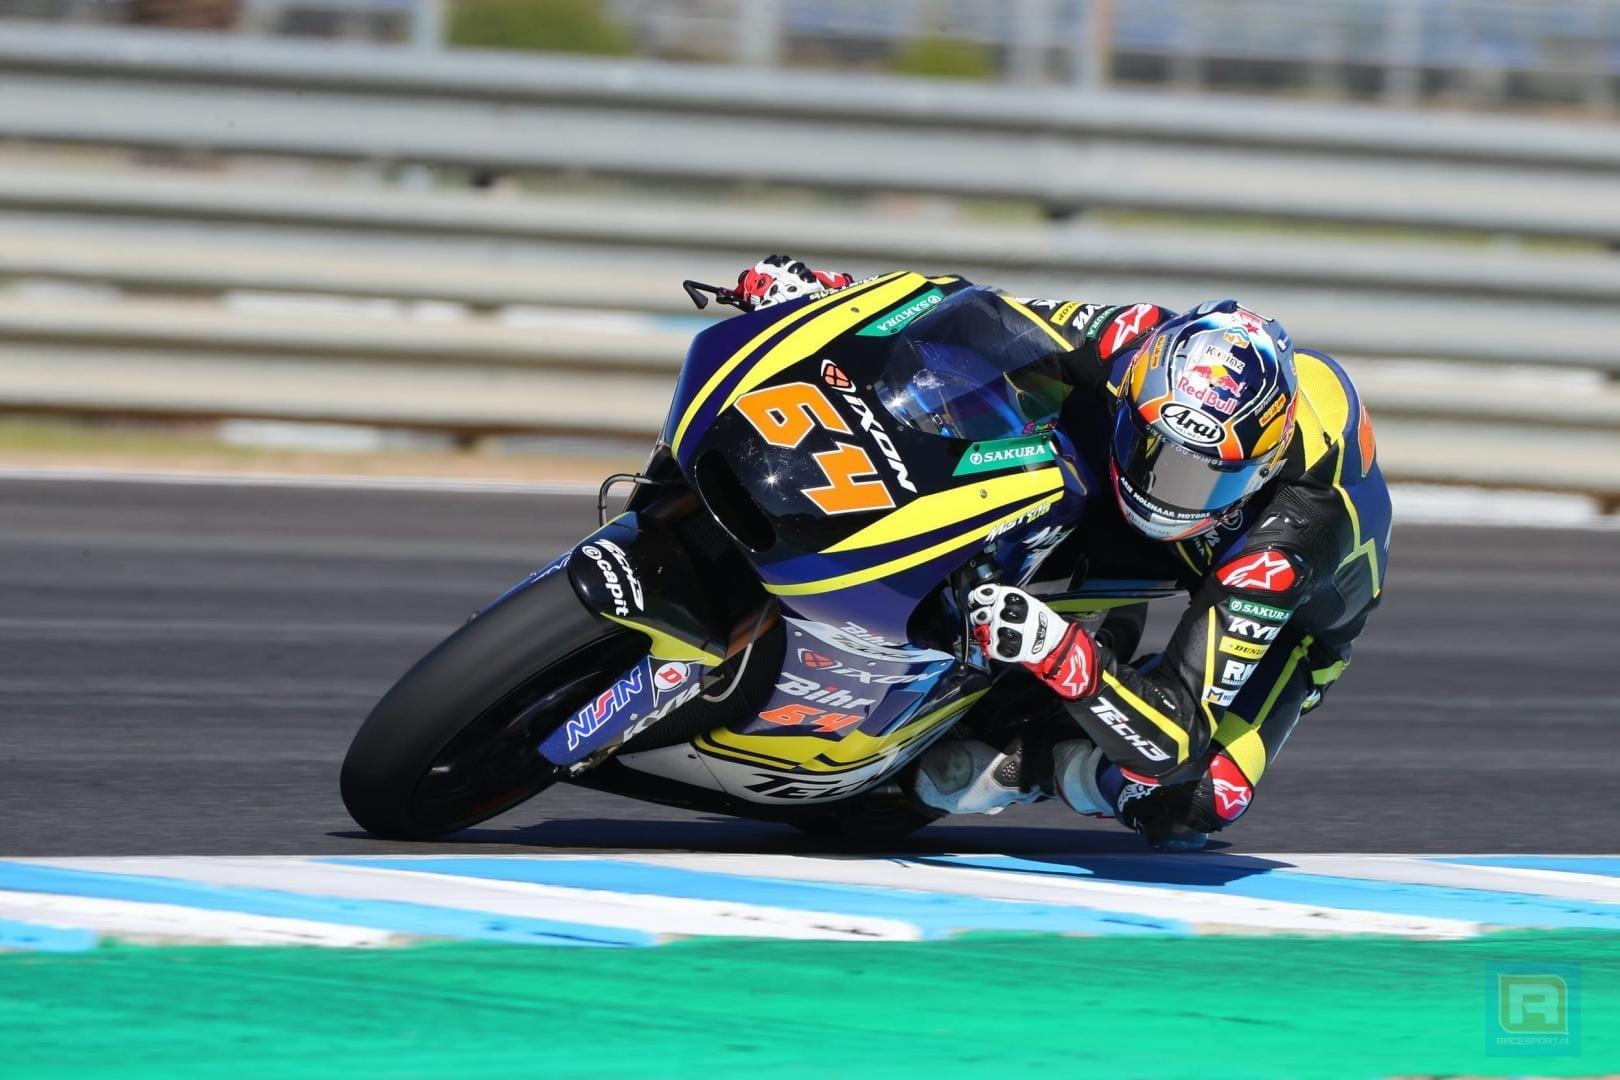 https://www.racesport.nl/wp-content/uploads/2017/11/Bensnyder_Schneider6499.jpg